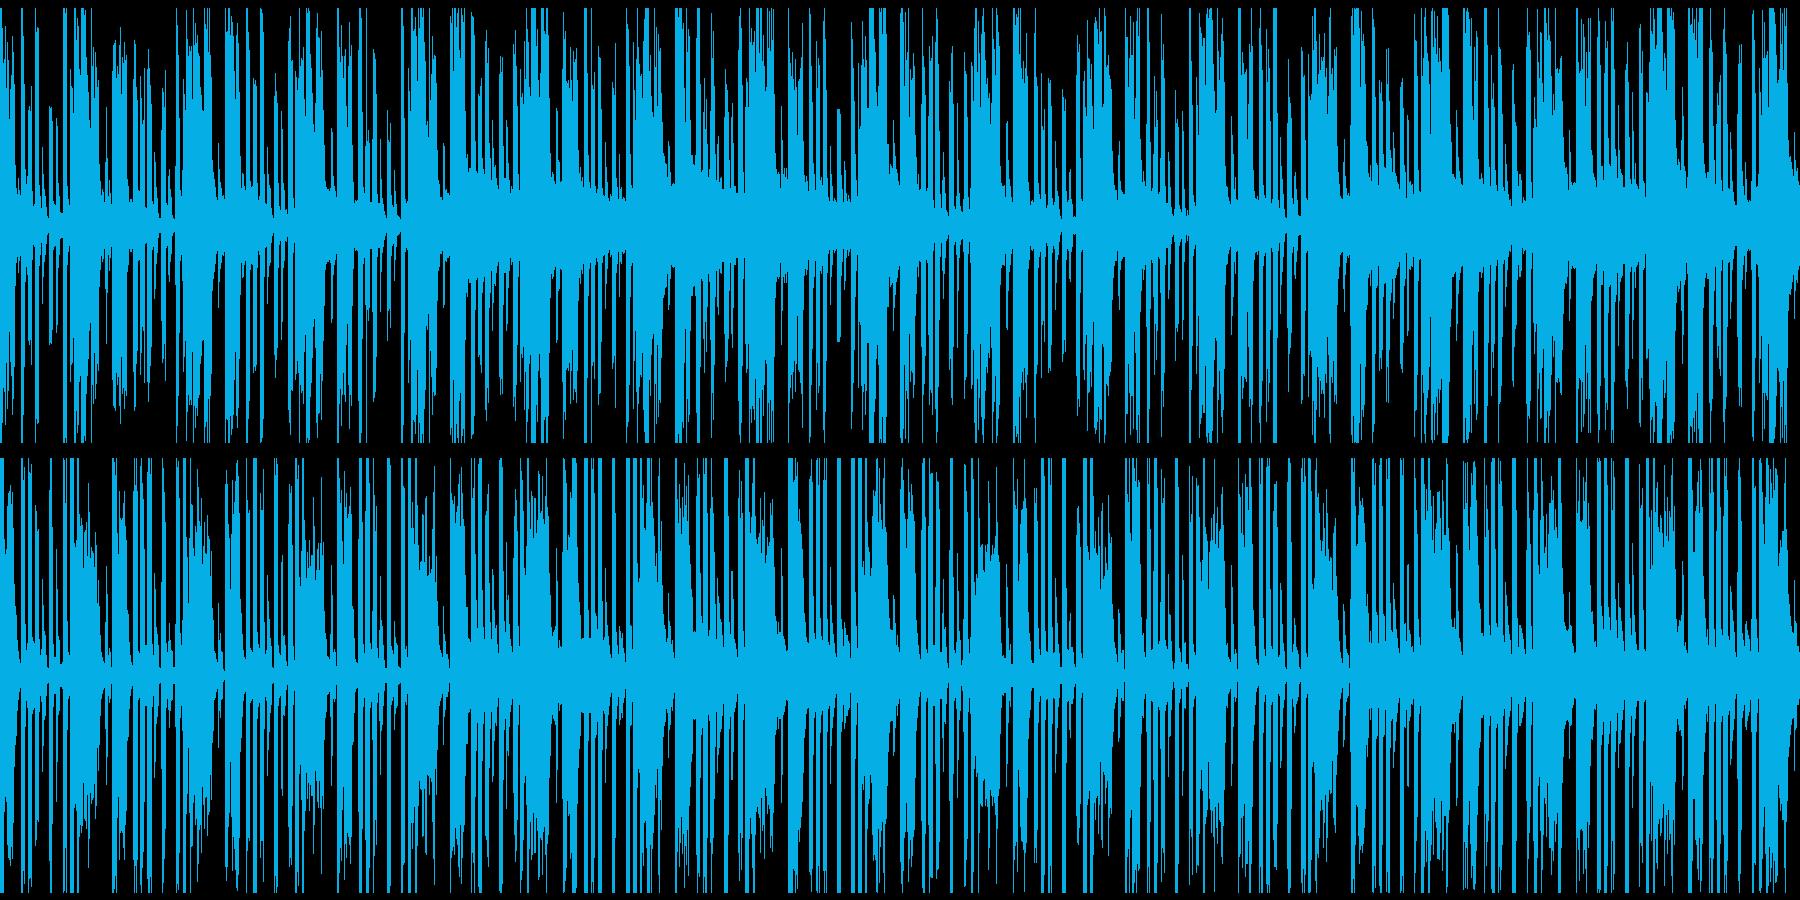 ニュース報道BGMの再生済みの波形